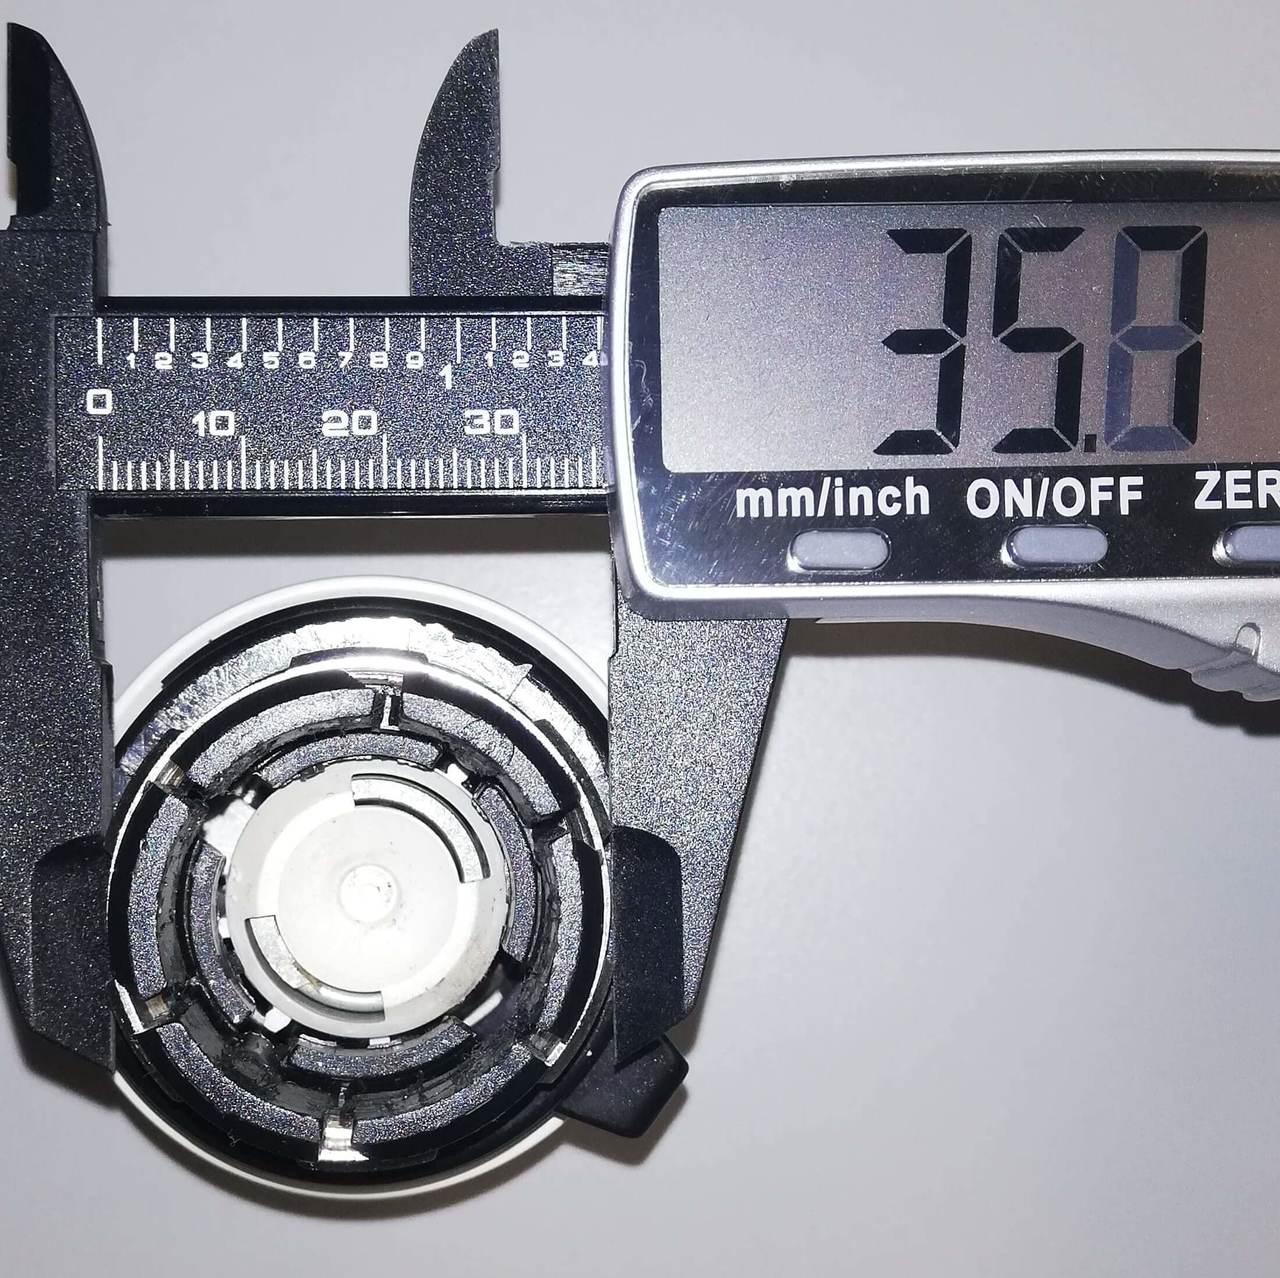 Gampper M20 über 10mm Tiefe Quelle: Thomas aus Kommentaren